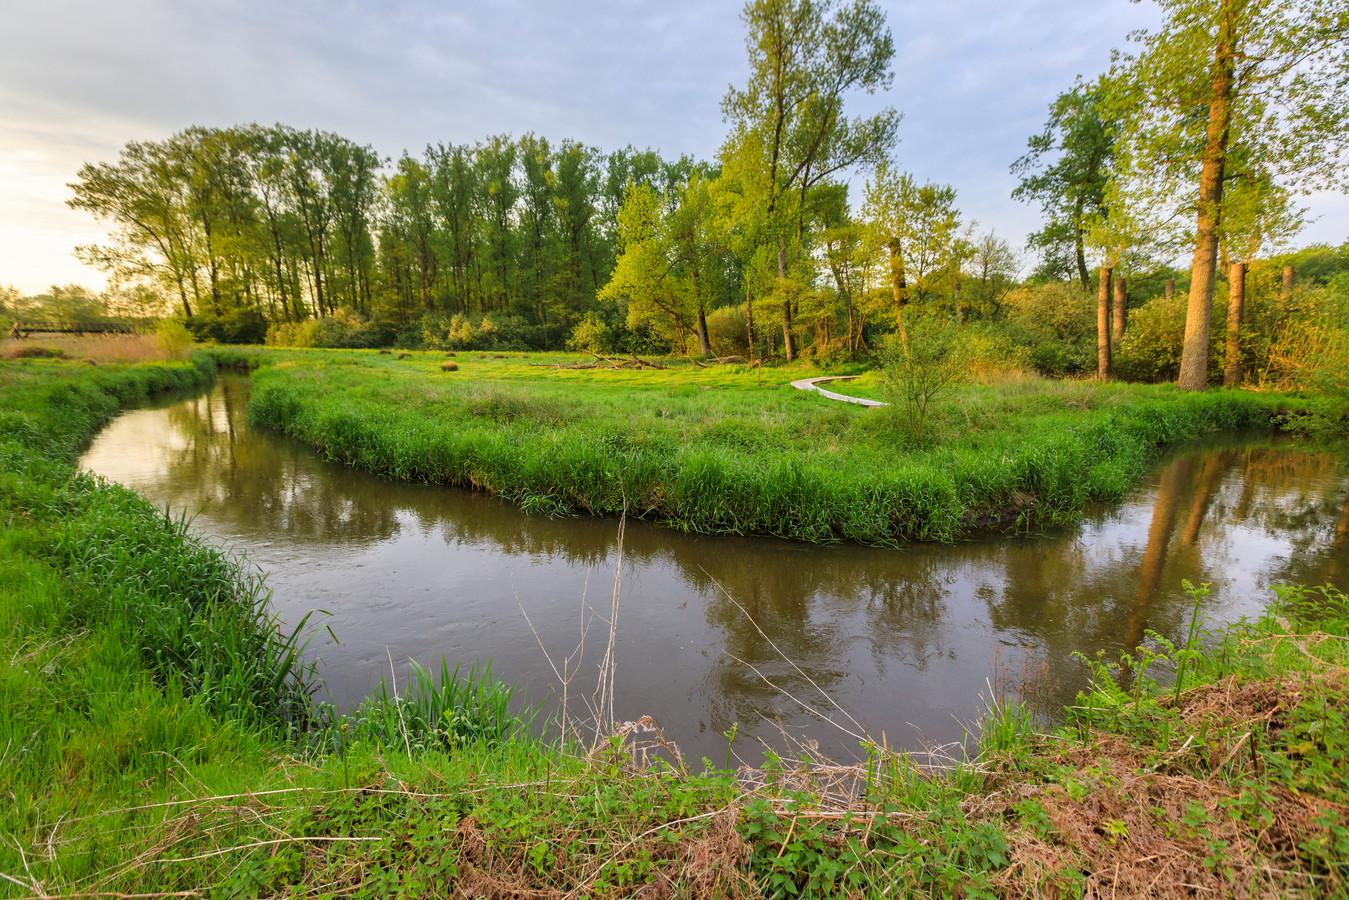 Het riviertje de Dommel in Zuidoost-Brabant.